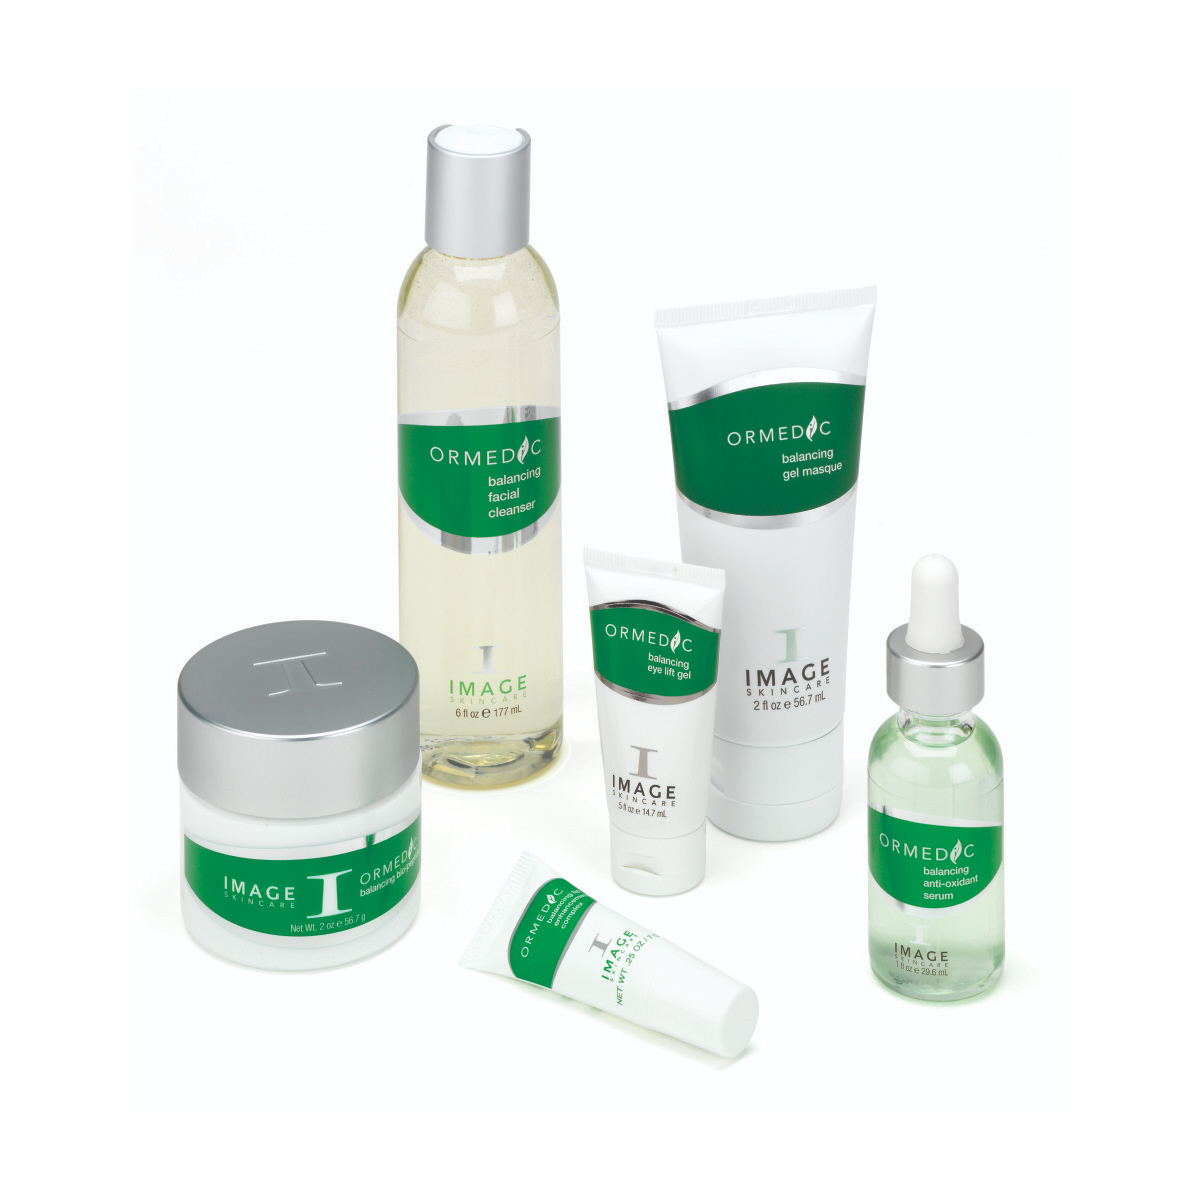 Ormedic Balancing Facial Cleanser Skinbliss Medi Spa